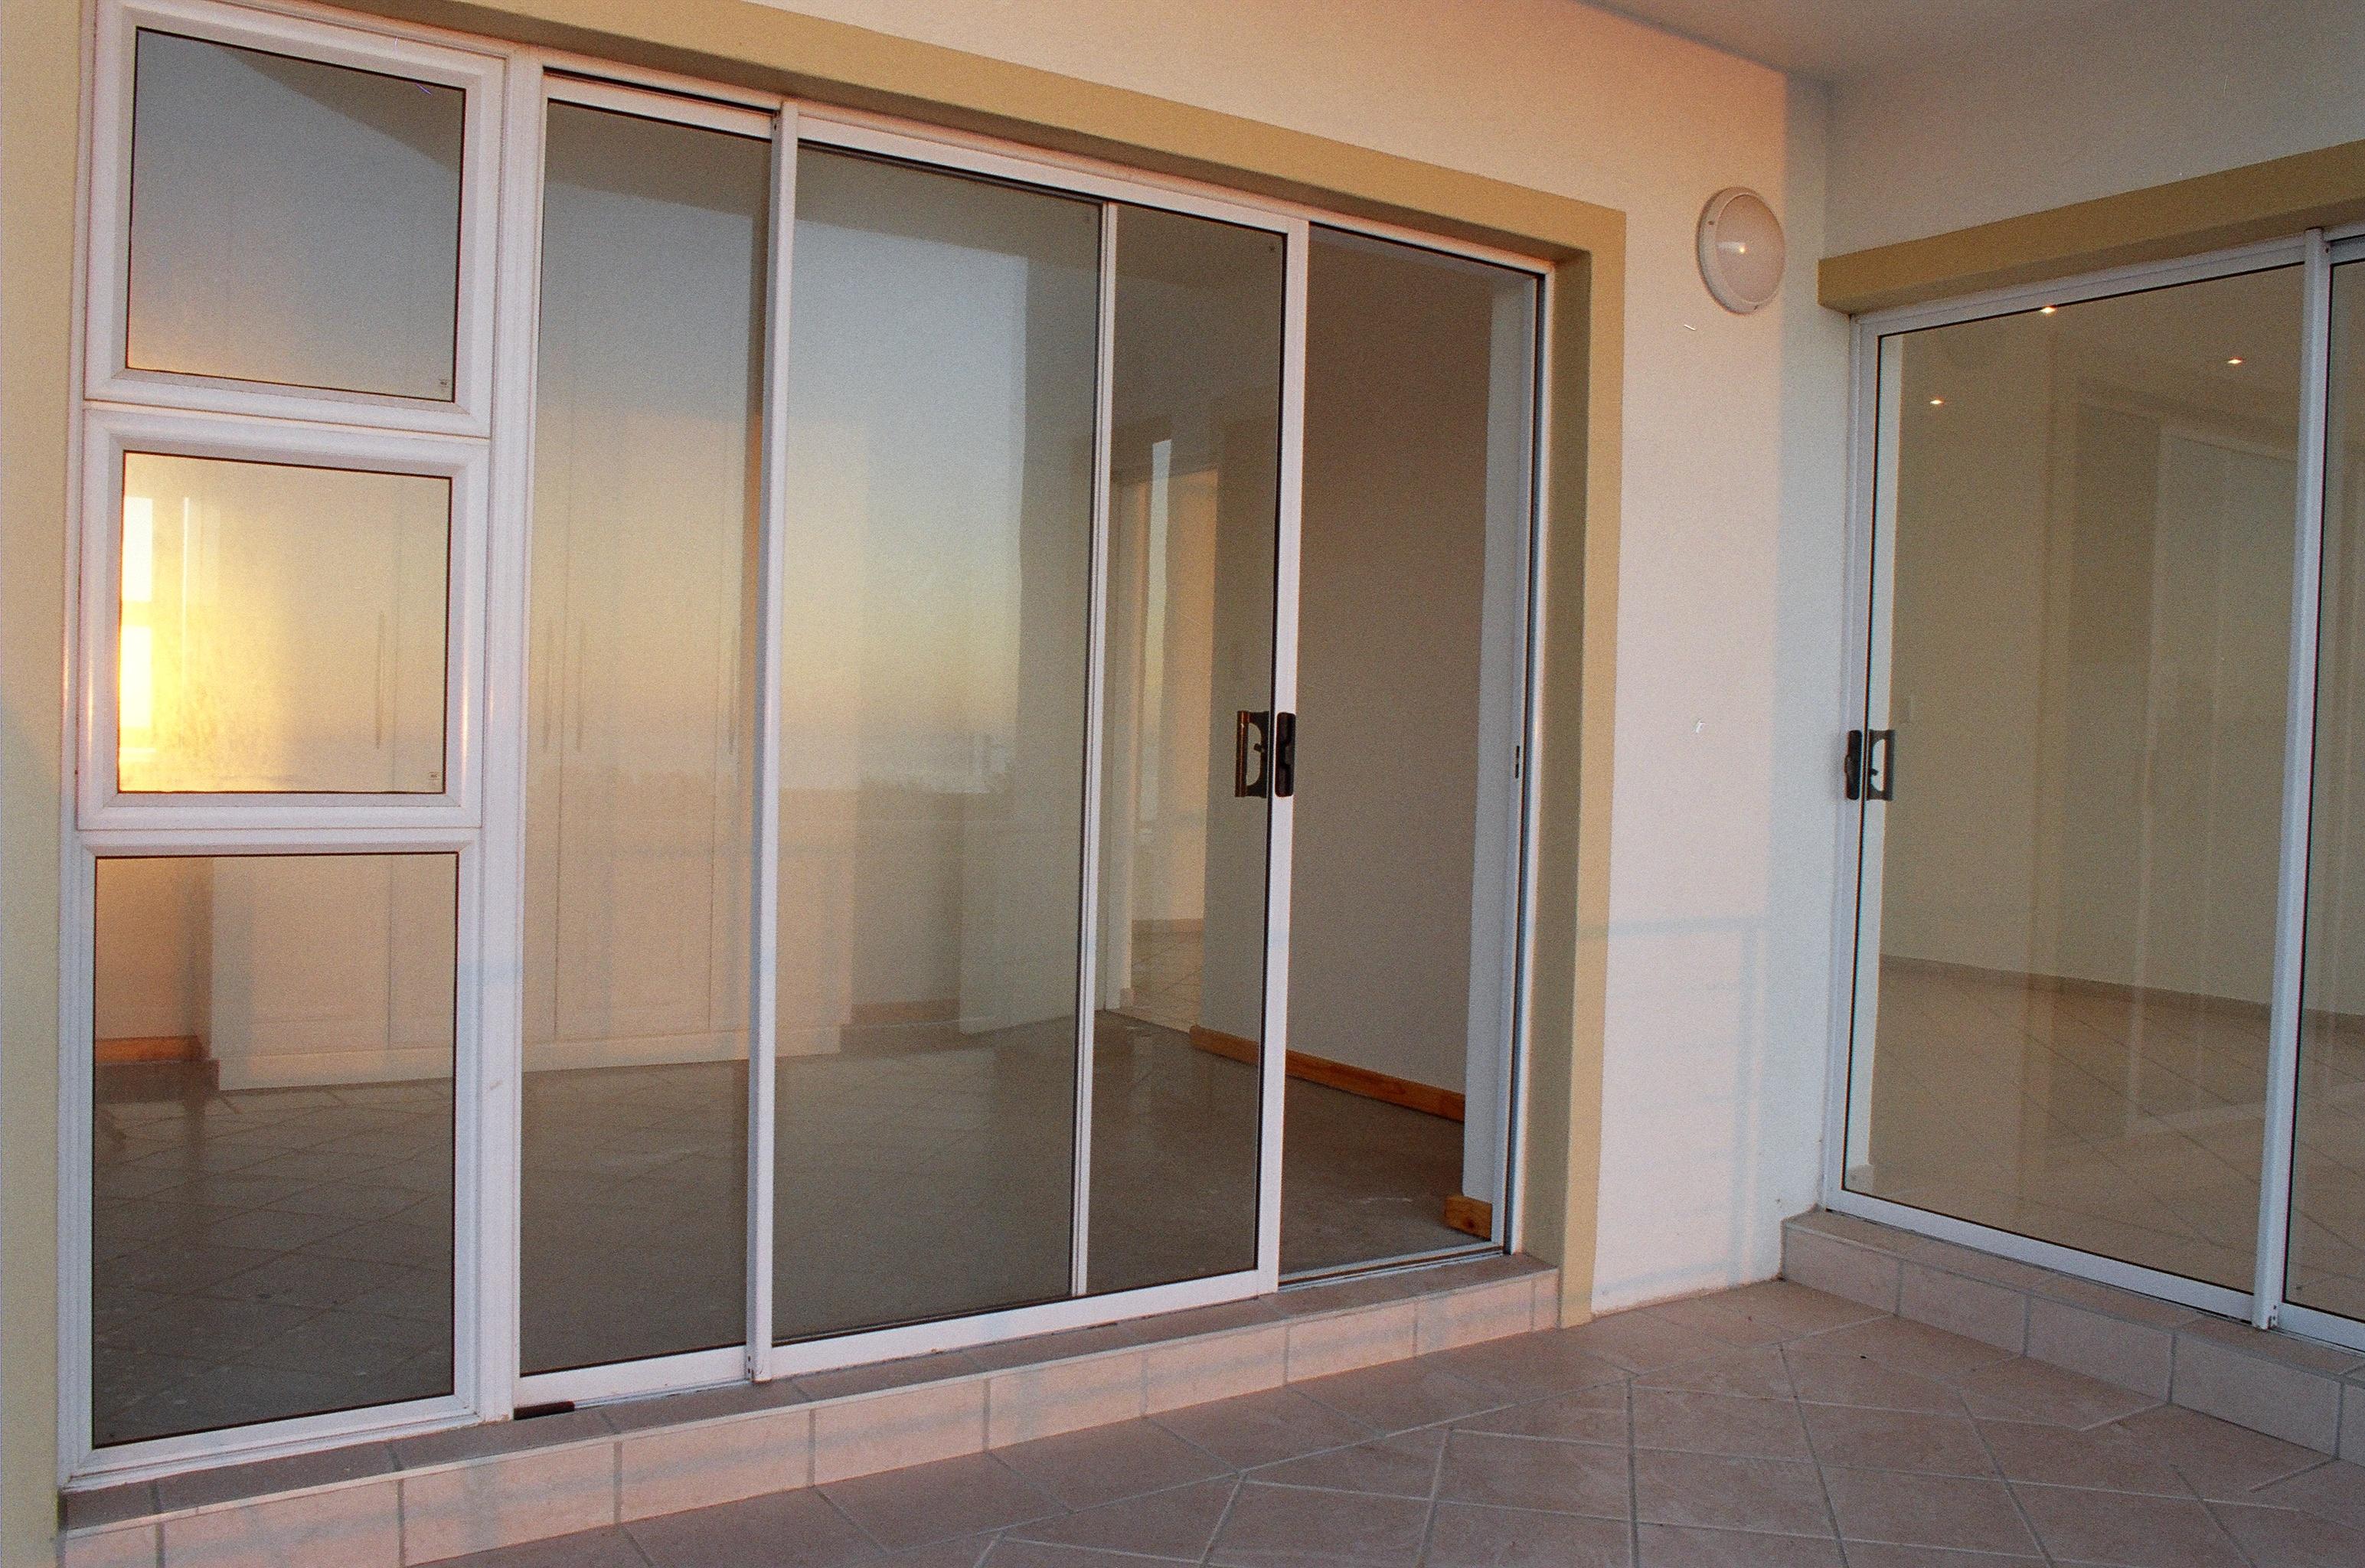 Gallery Doors Duo Glass Aluminium Eagle Doors Patio Sliding